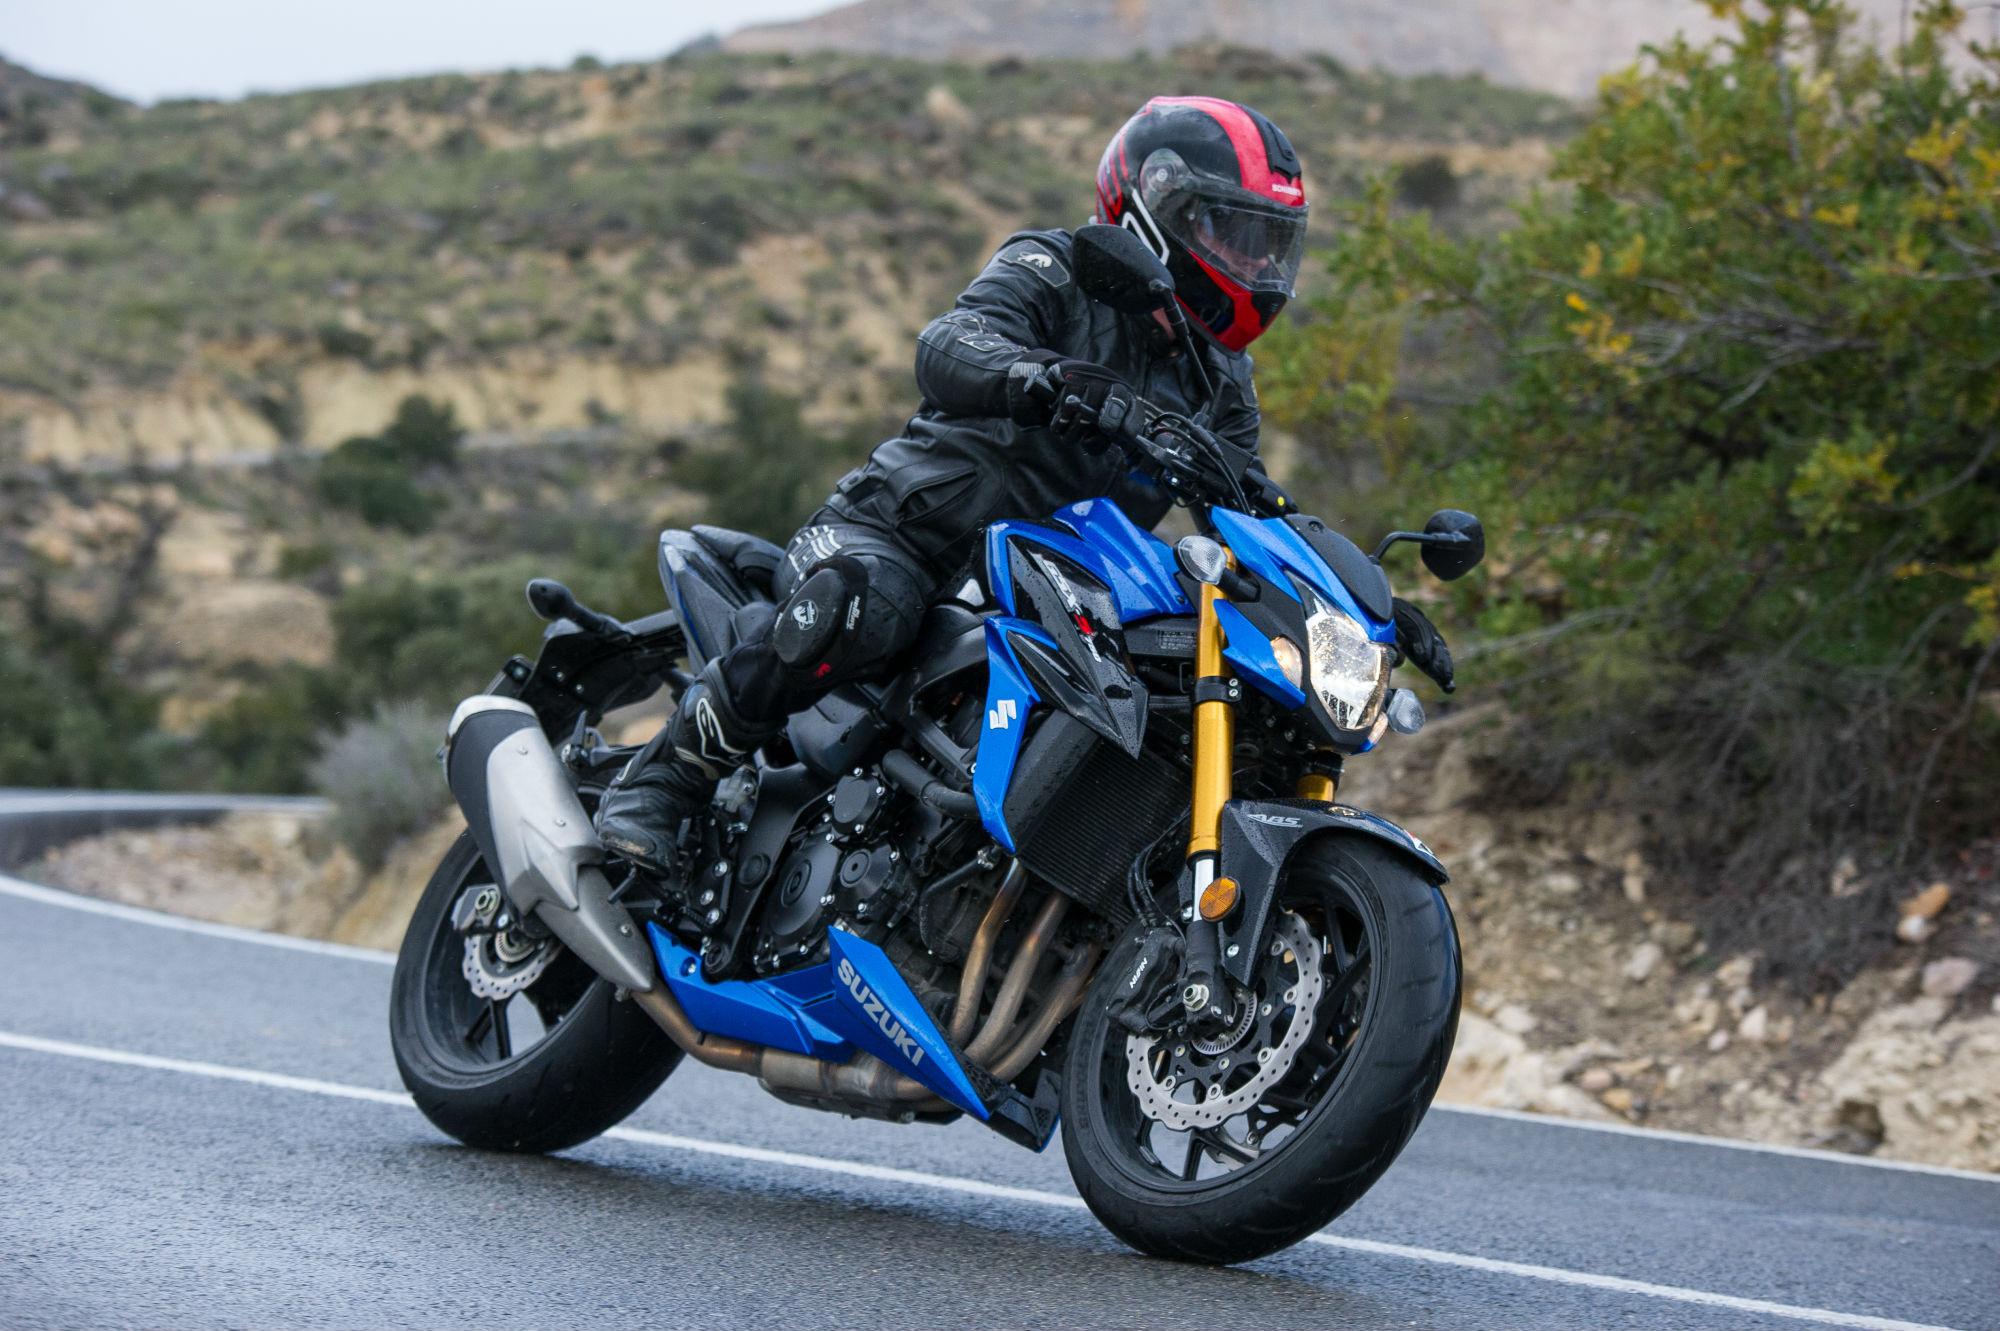 First ride: Suzuki GSX-S750 review, Suzuki GSX-S750 review